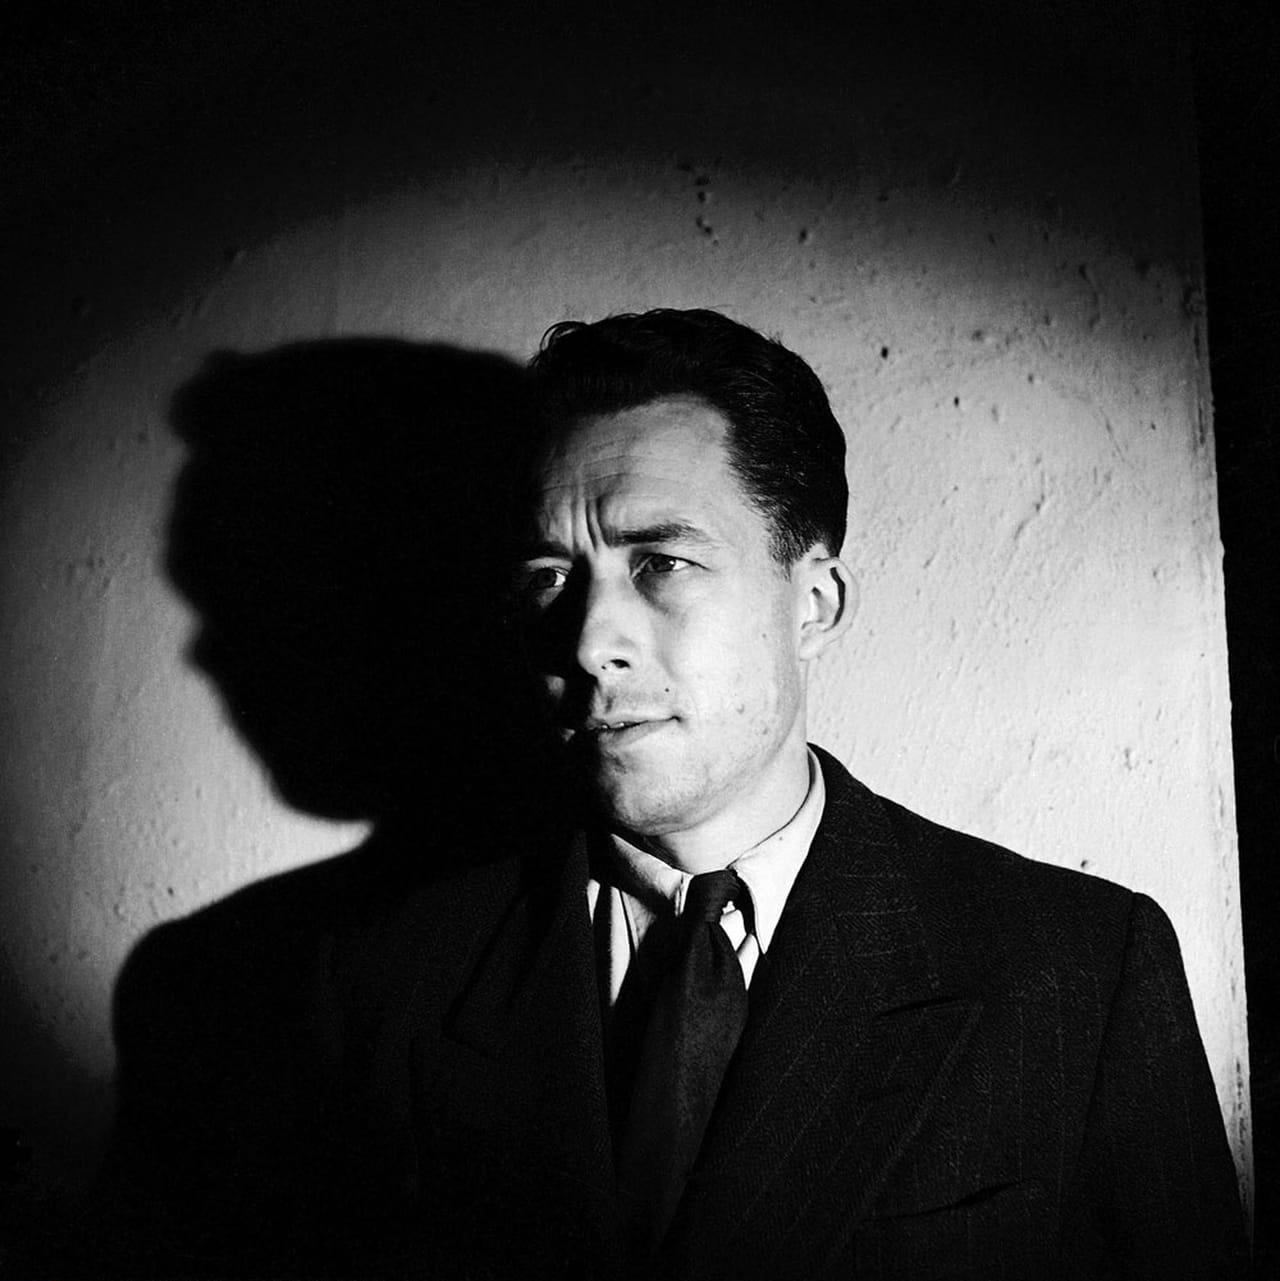 L'ordre de choisir définitivement entre l'enfer et la raison - Camus, une de Combat du 8 août 1945 dans Essais, philosophie... 746511